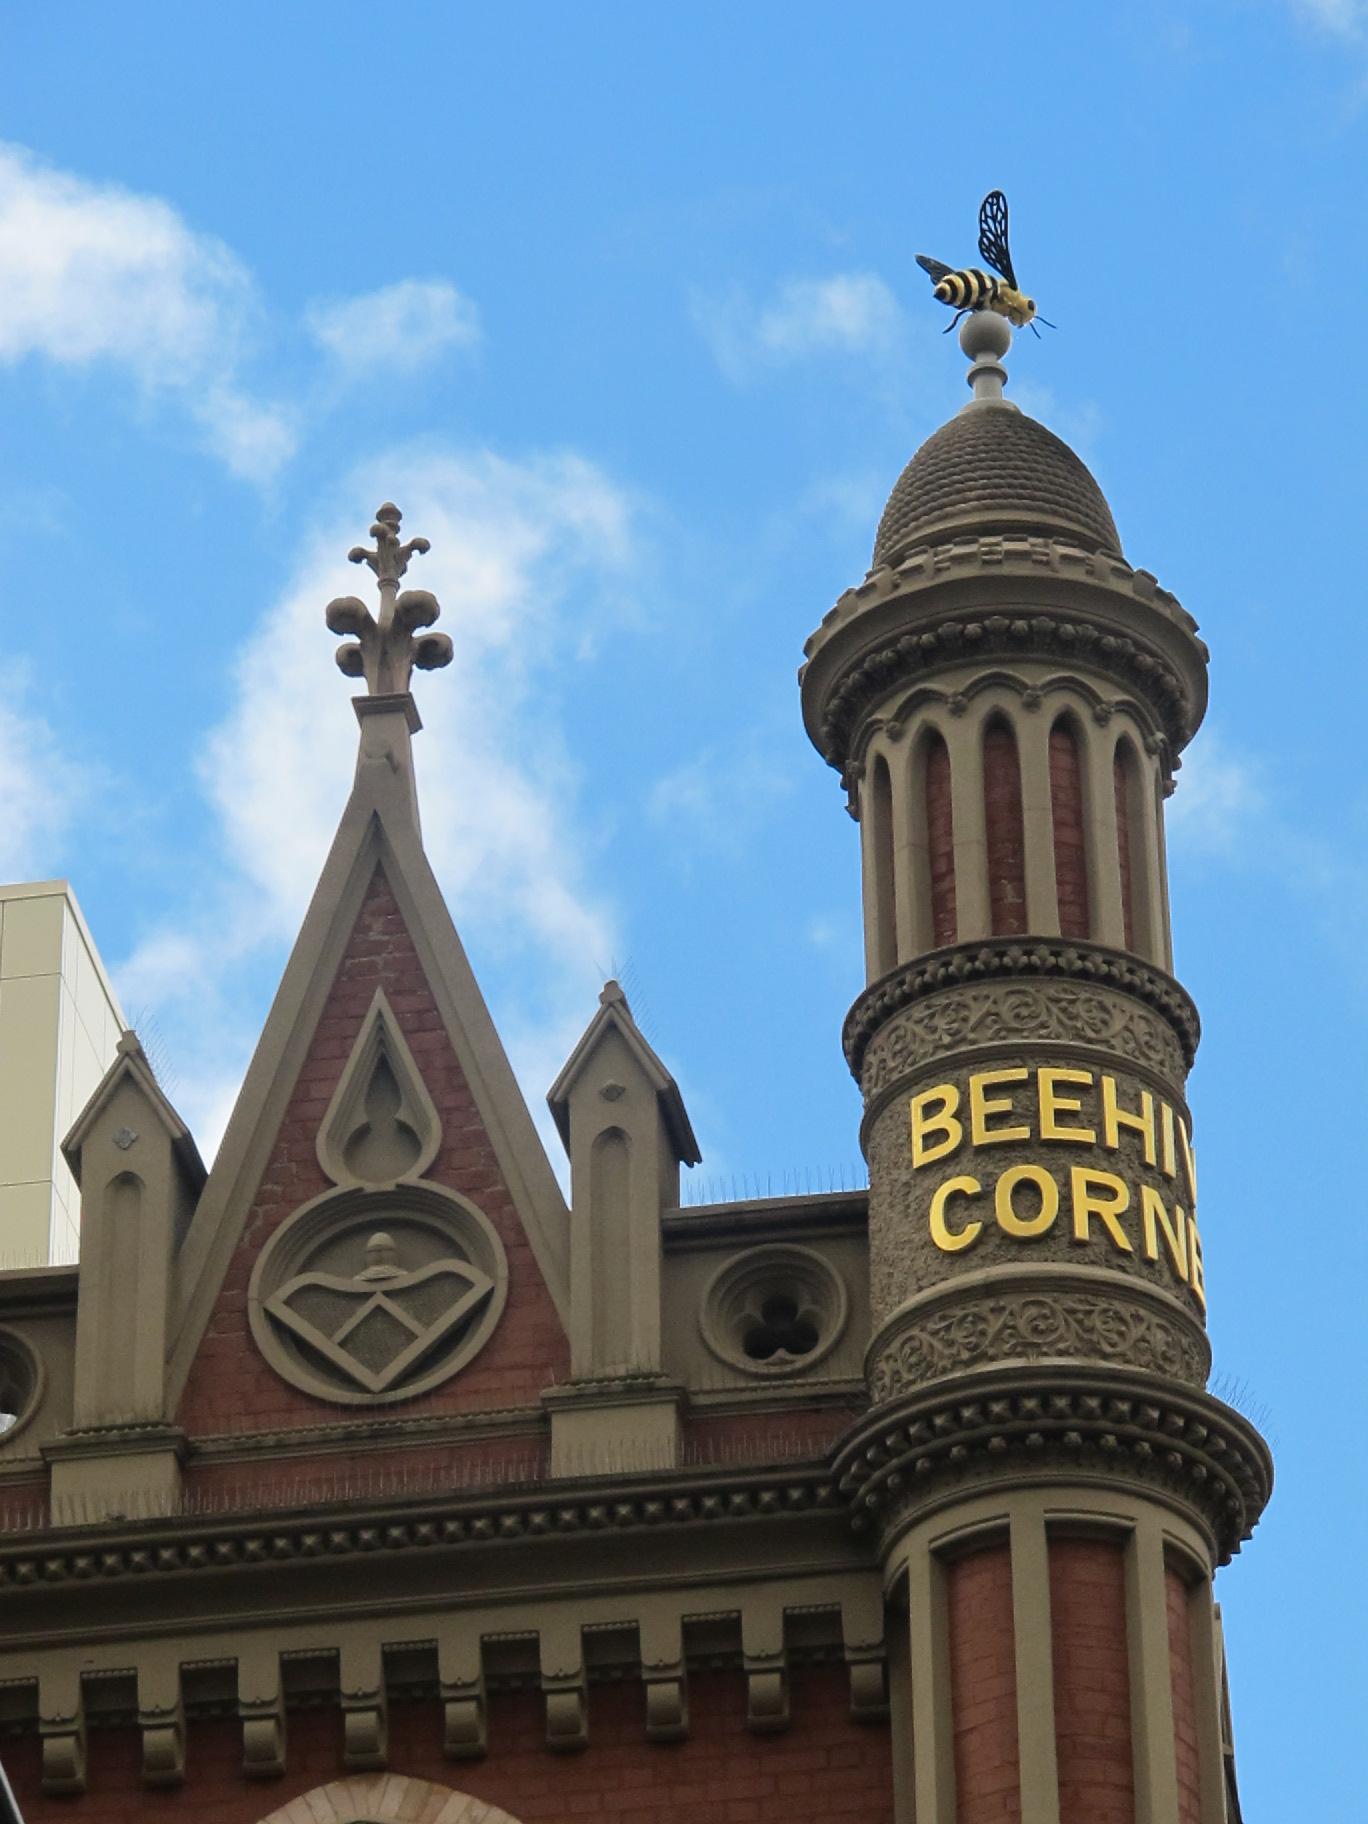 Beehive Corner on Australia Landmarks